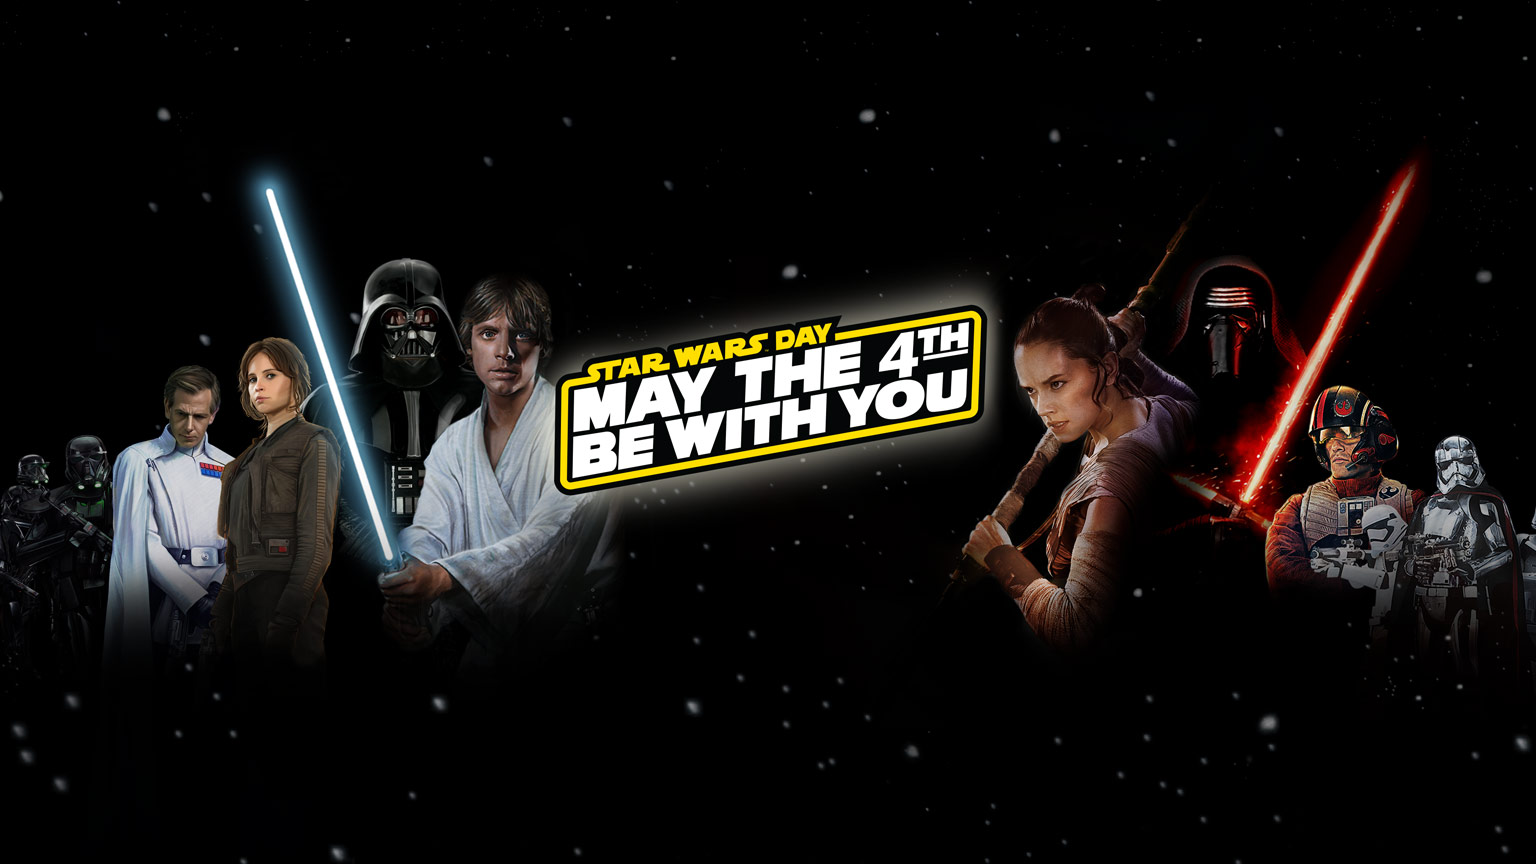 Игры по Звездным Войнам: «May the 4th be with you»: Steam, GOG, Humble Bundle и другие магазины объявили скидки на игры и сувениры по вселенной Star Wars